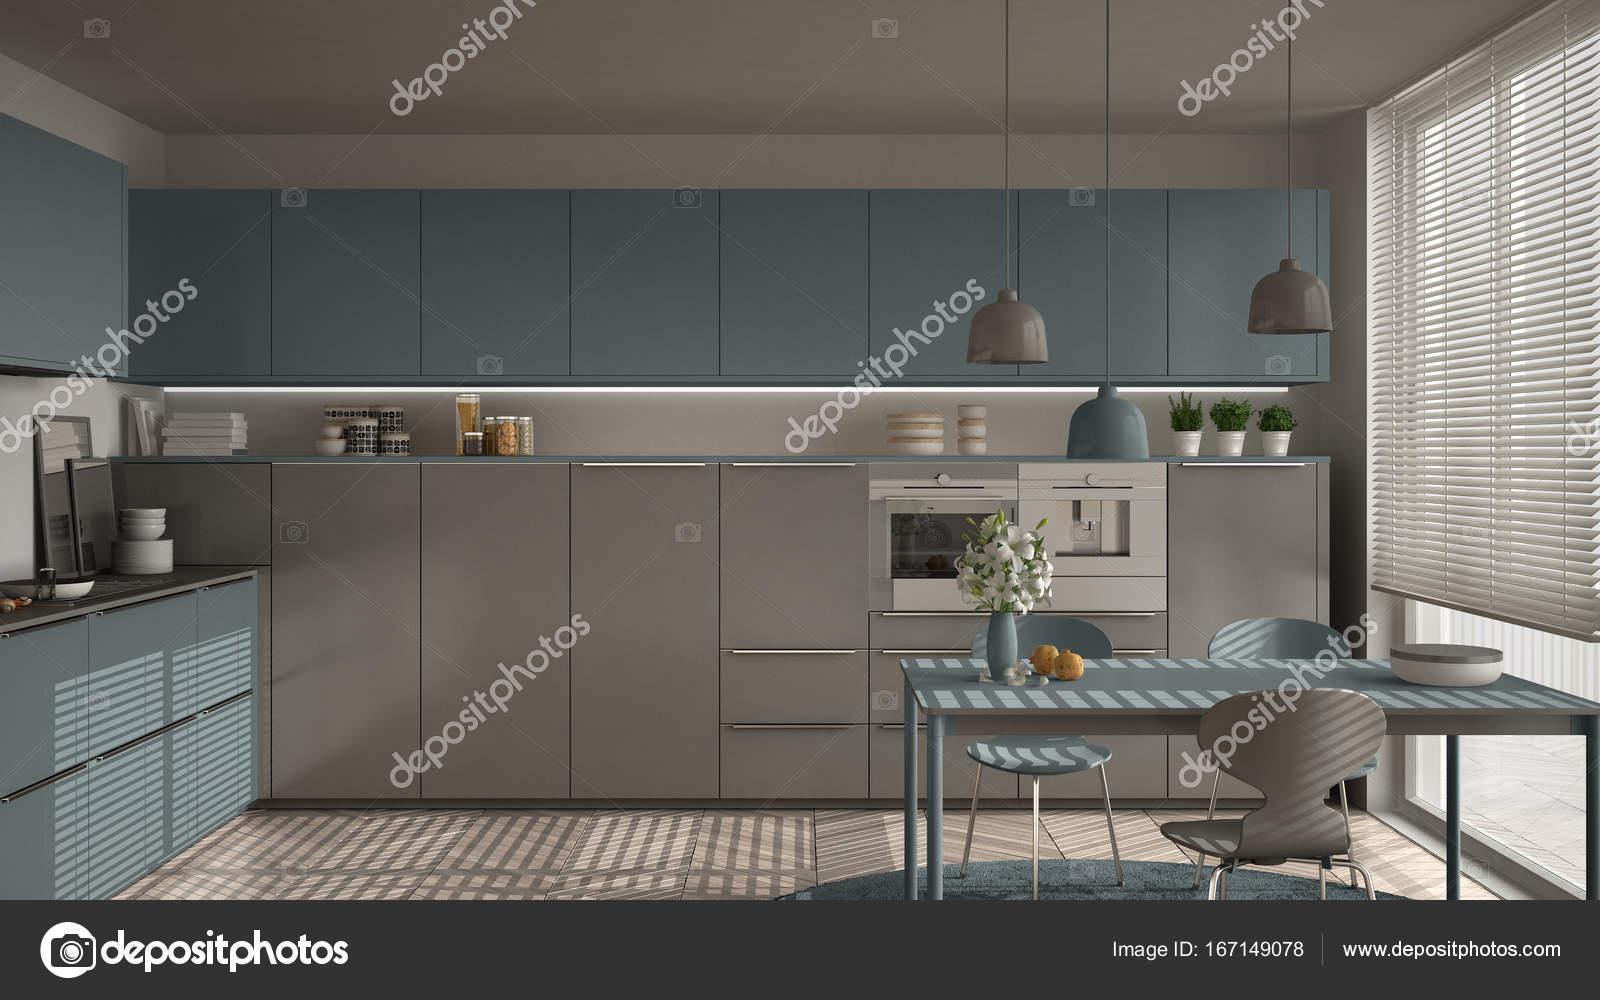 Moderne keuken met tafel en stoelen grote ramen en herringbon